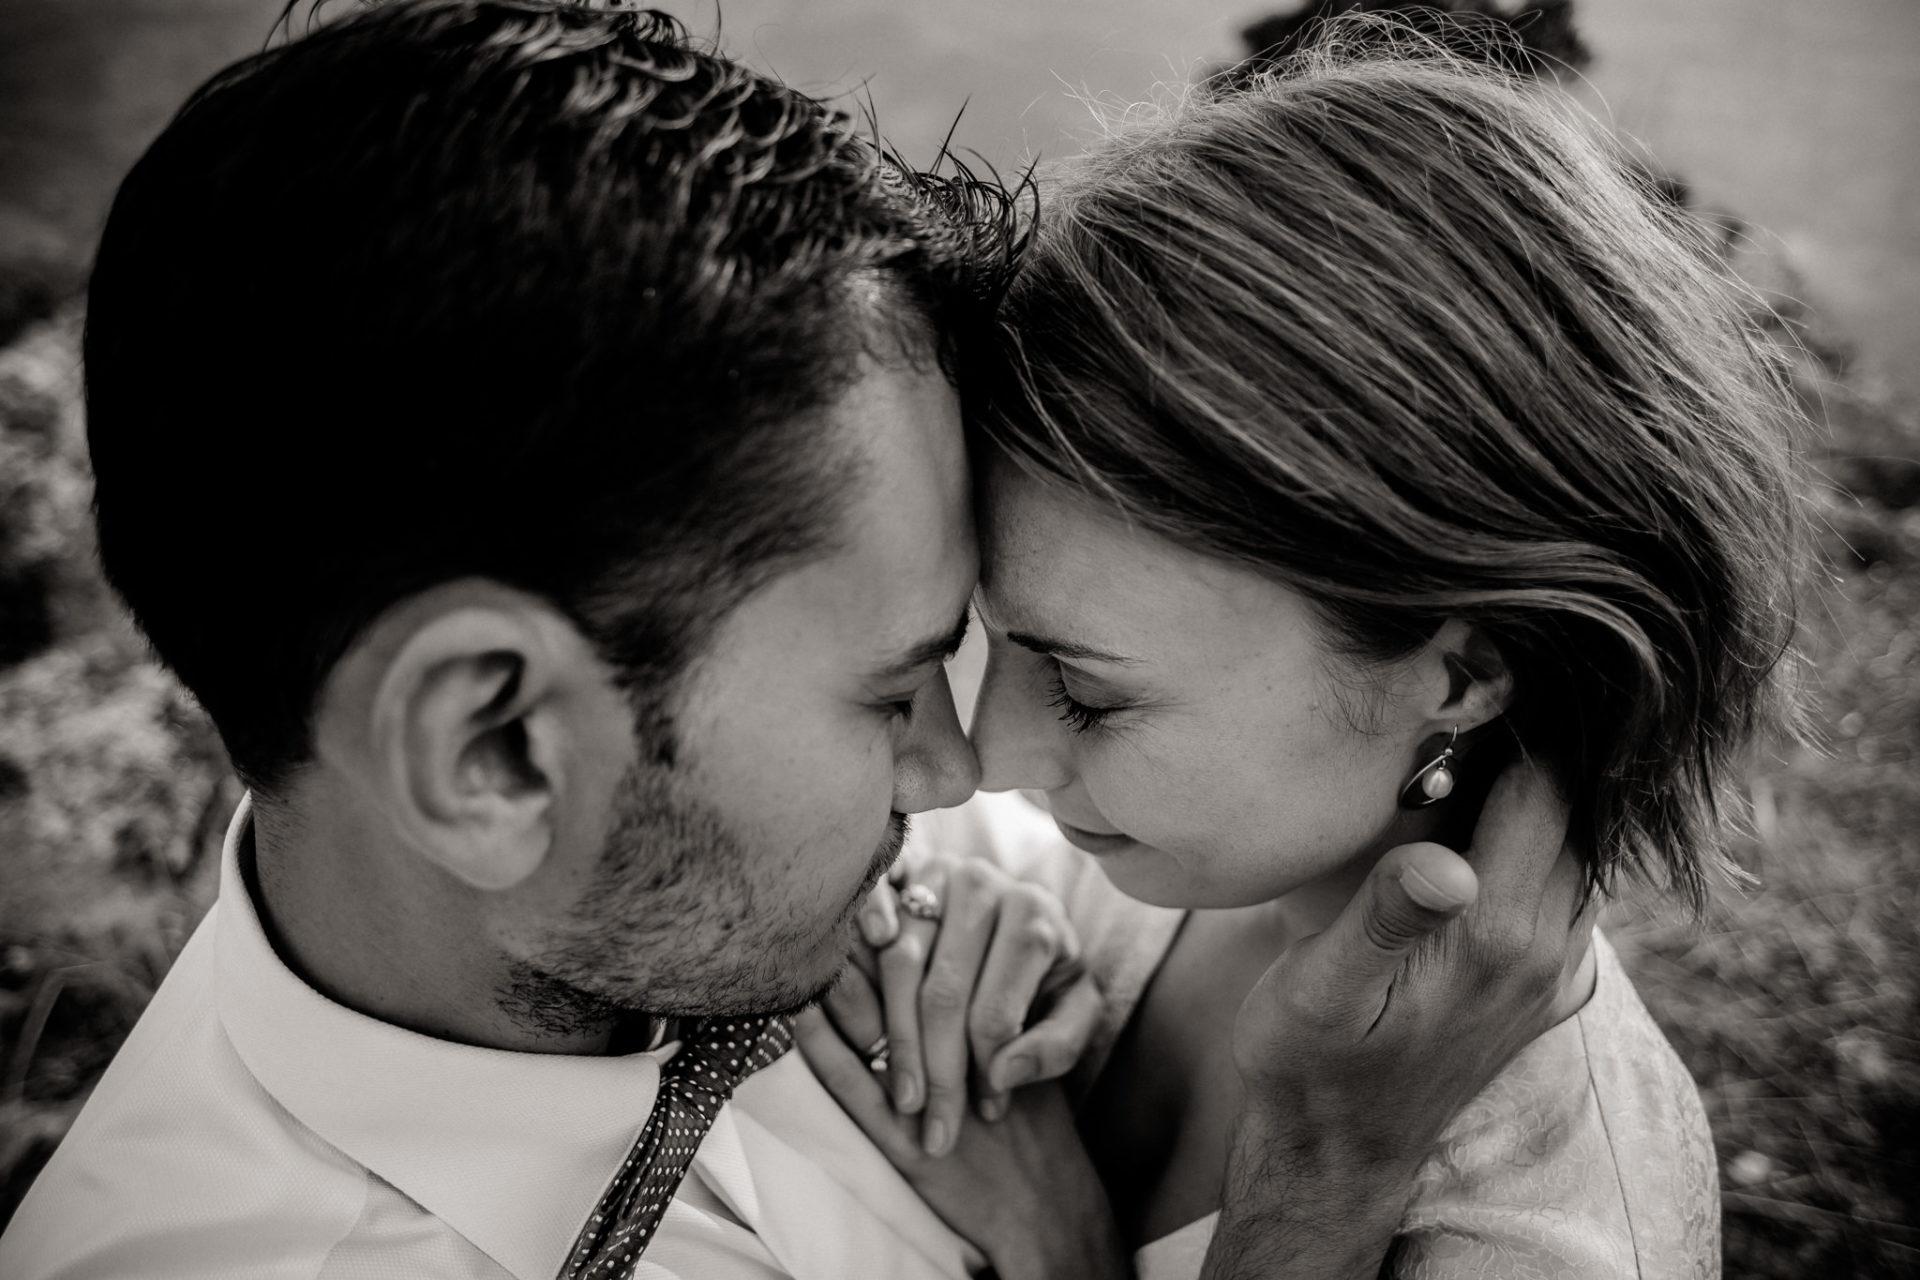 Hochzeitsfotograf Amalfi Küste-heiraten Italien-Paestum Hochzeit-Paar Portraits Amalfi Küste